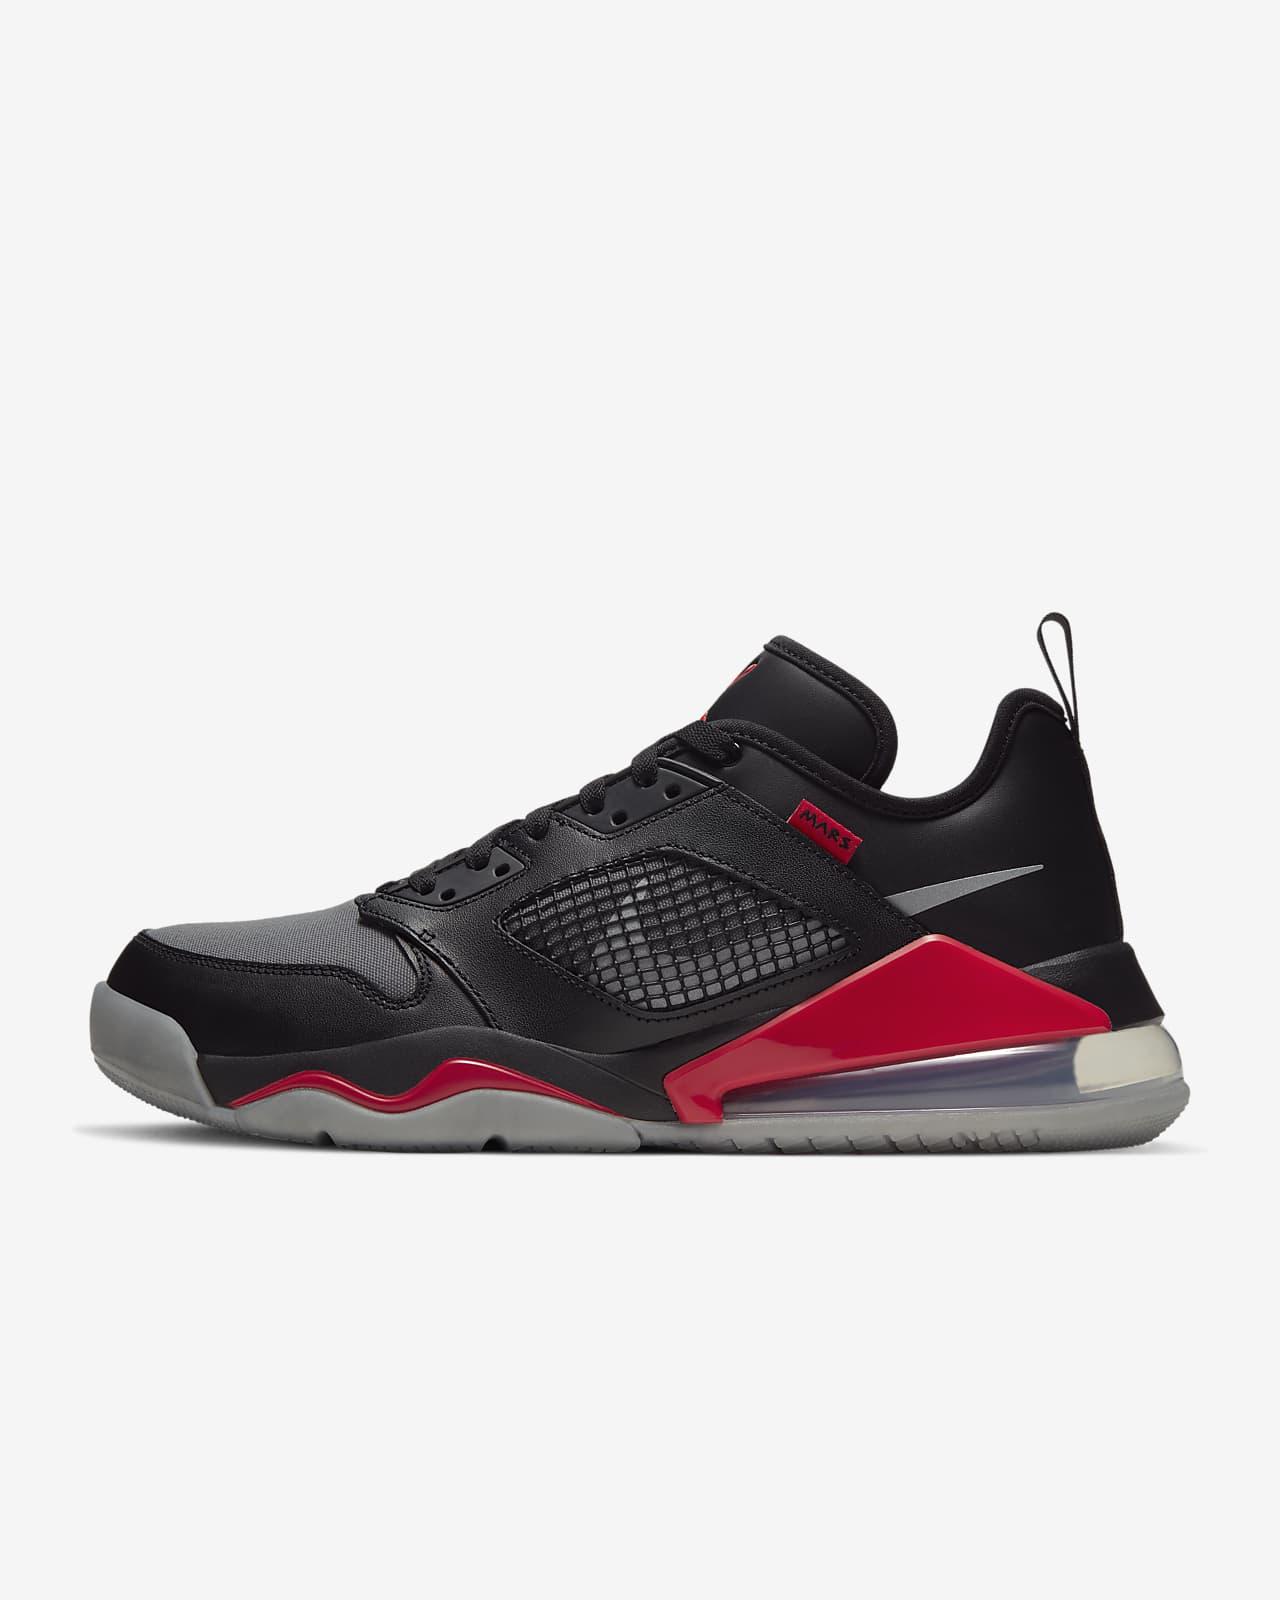 Jordan Mars 270 Low Men's Shoe. Nike SG